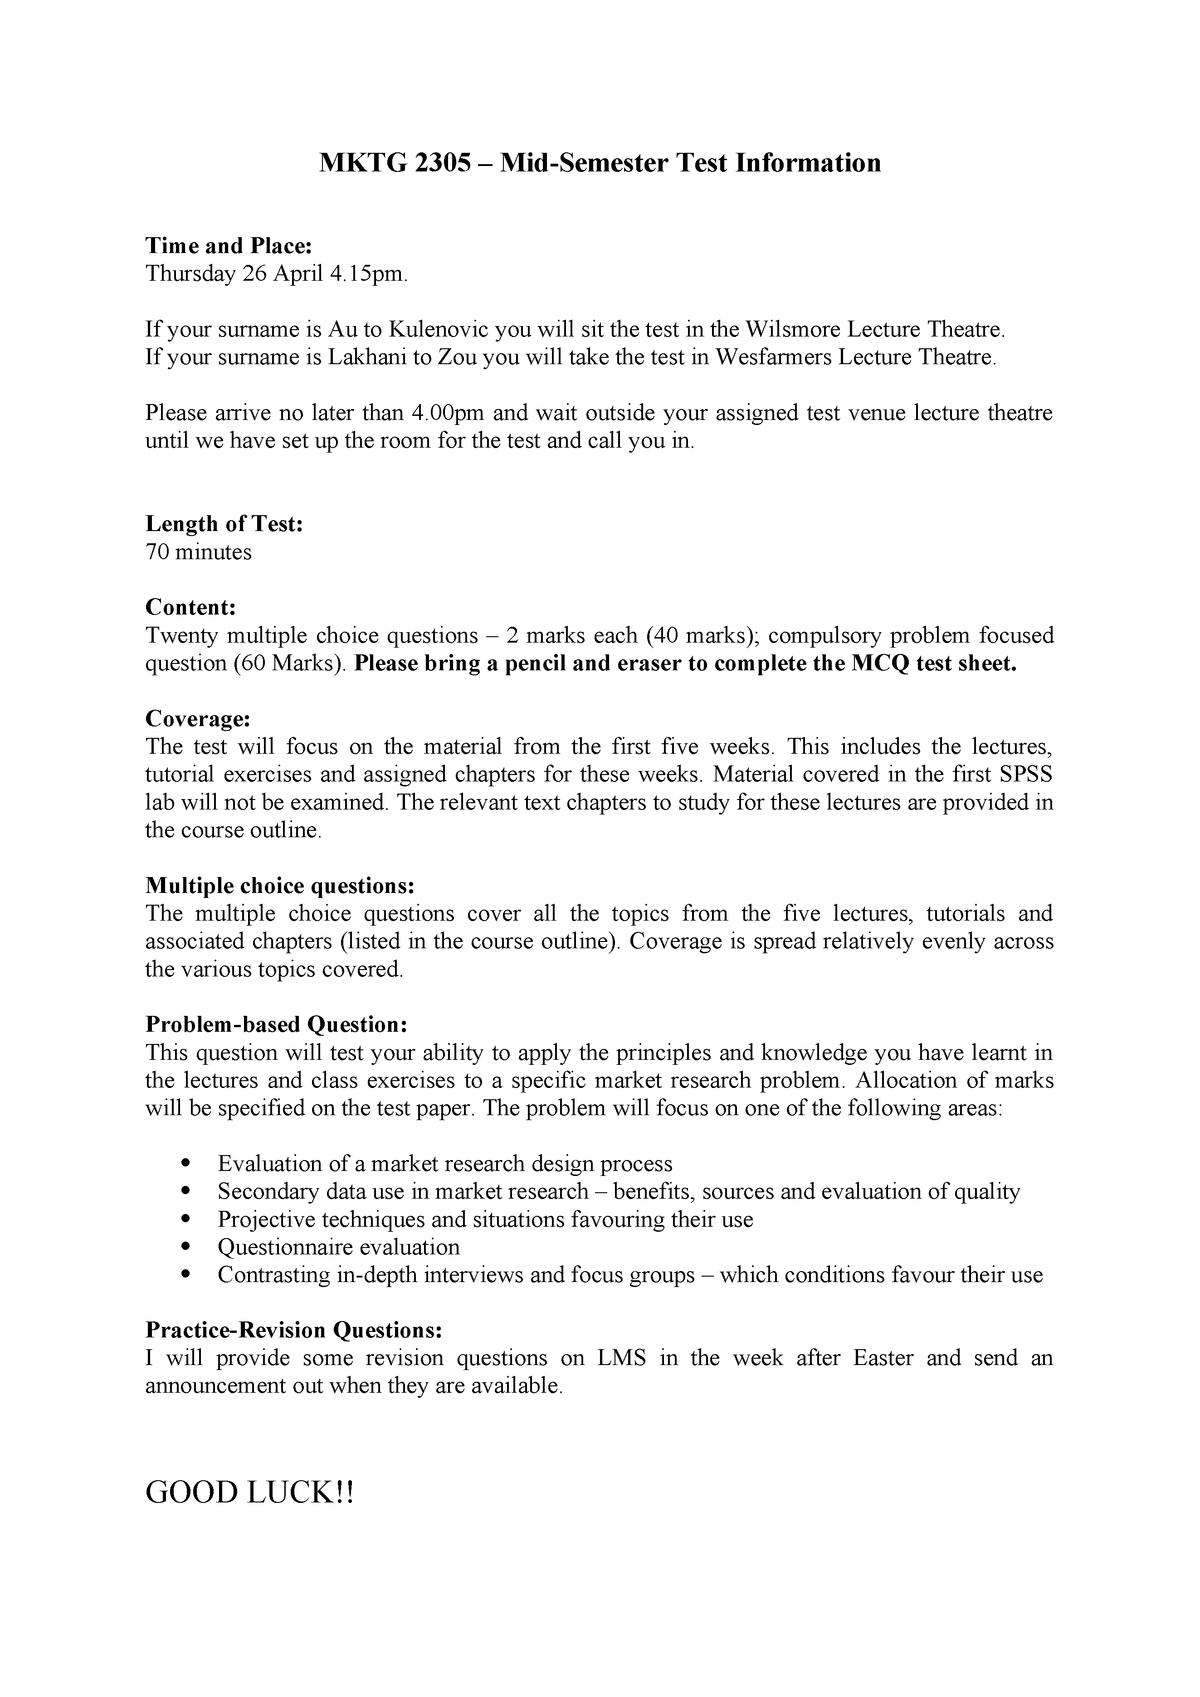 MKTG 2305 Mid Semester Test Information S1 2018 - MKTG2305